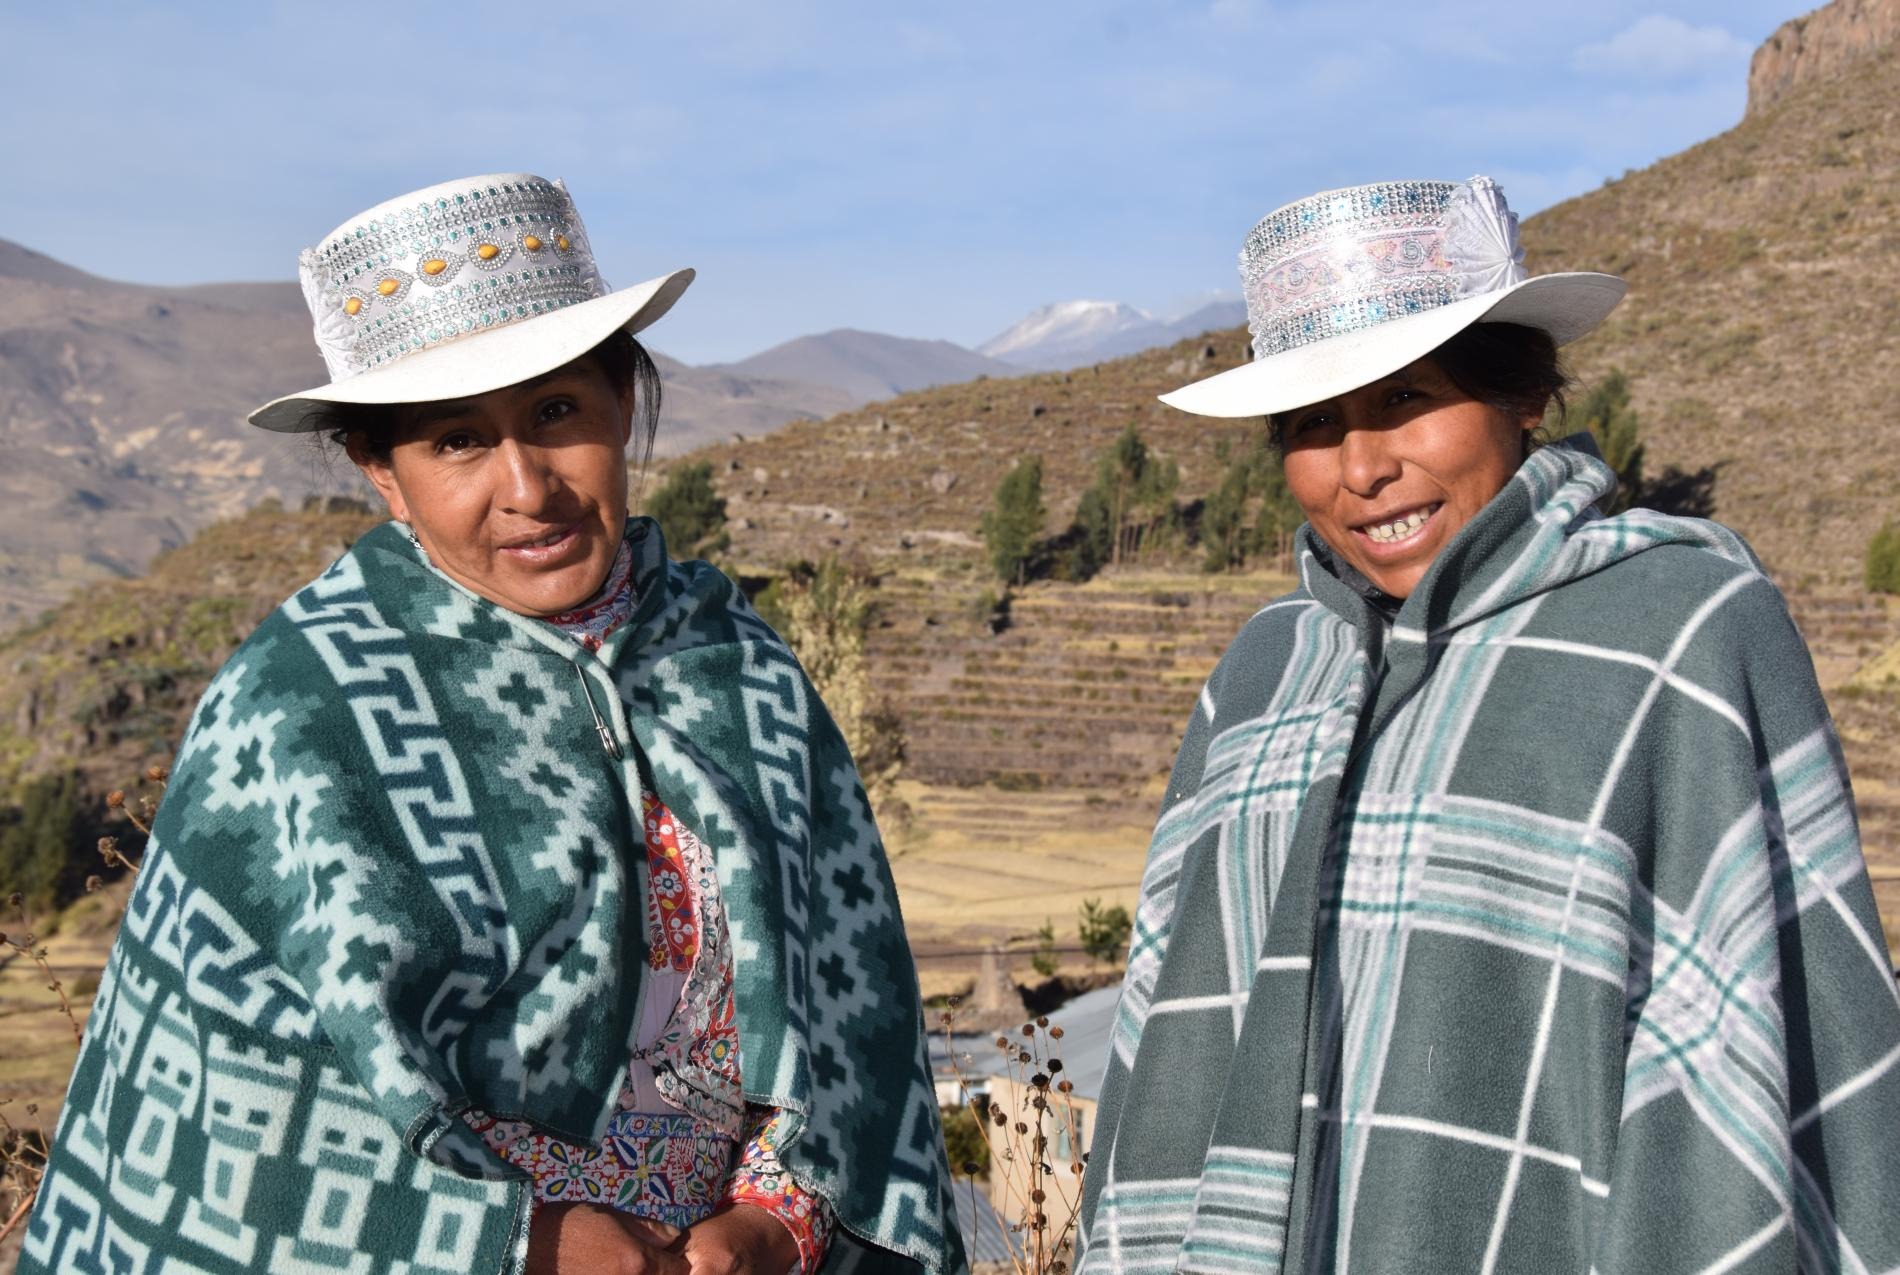 Voyage solidaire Pérou-Bolivie : Vision du Monde - Photo 1